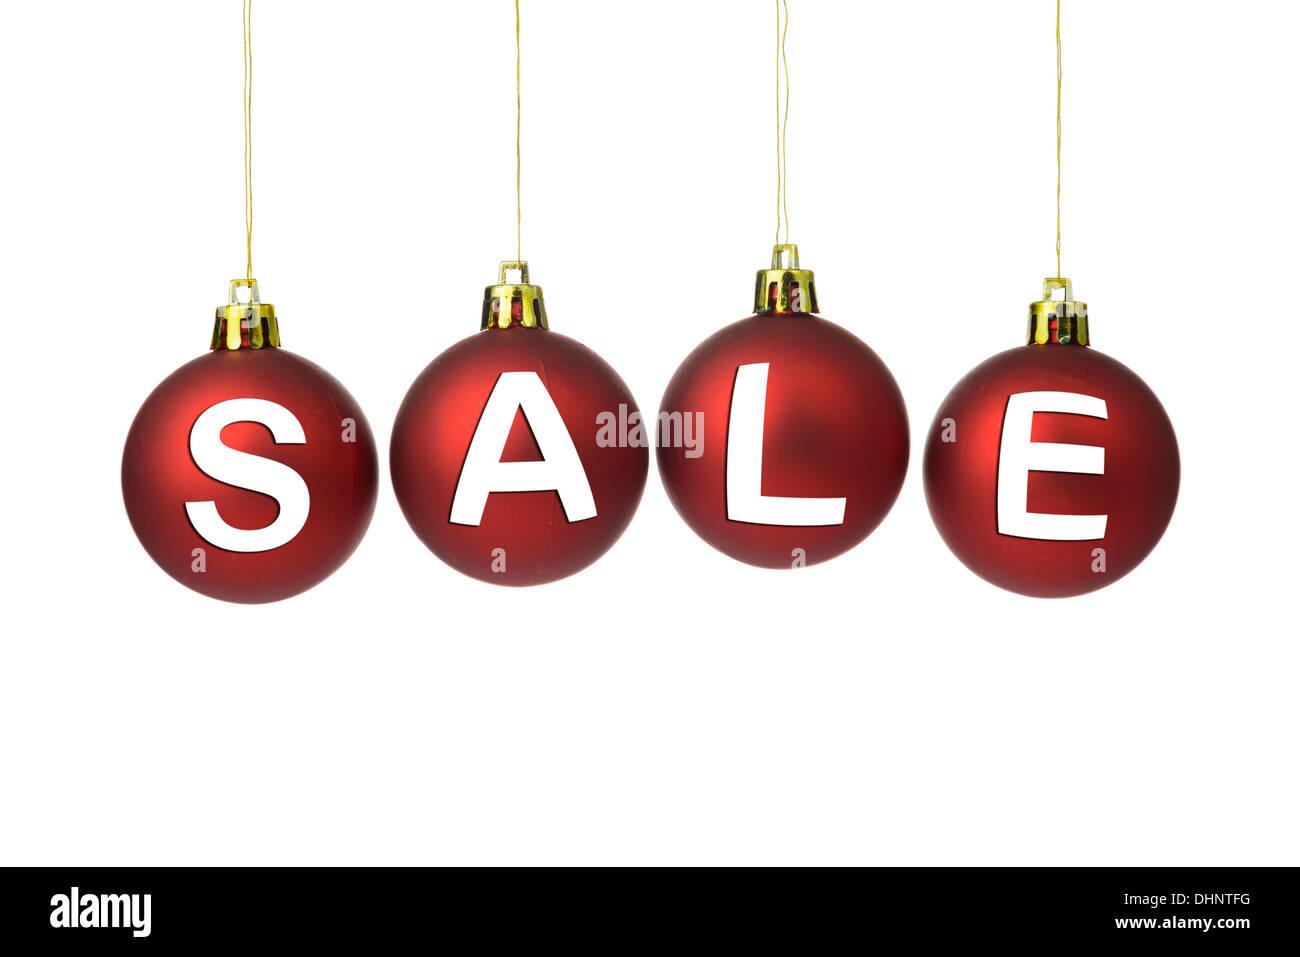 Weihnachtsverkauf anmelden roten Kugeln auf weißem Hintergrund ...